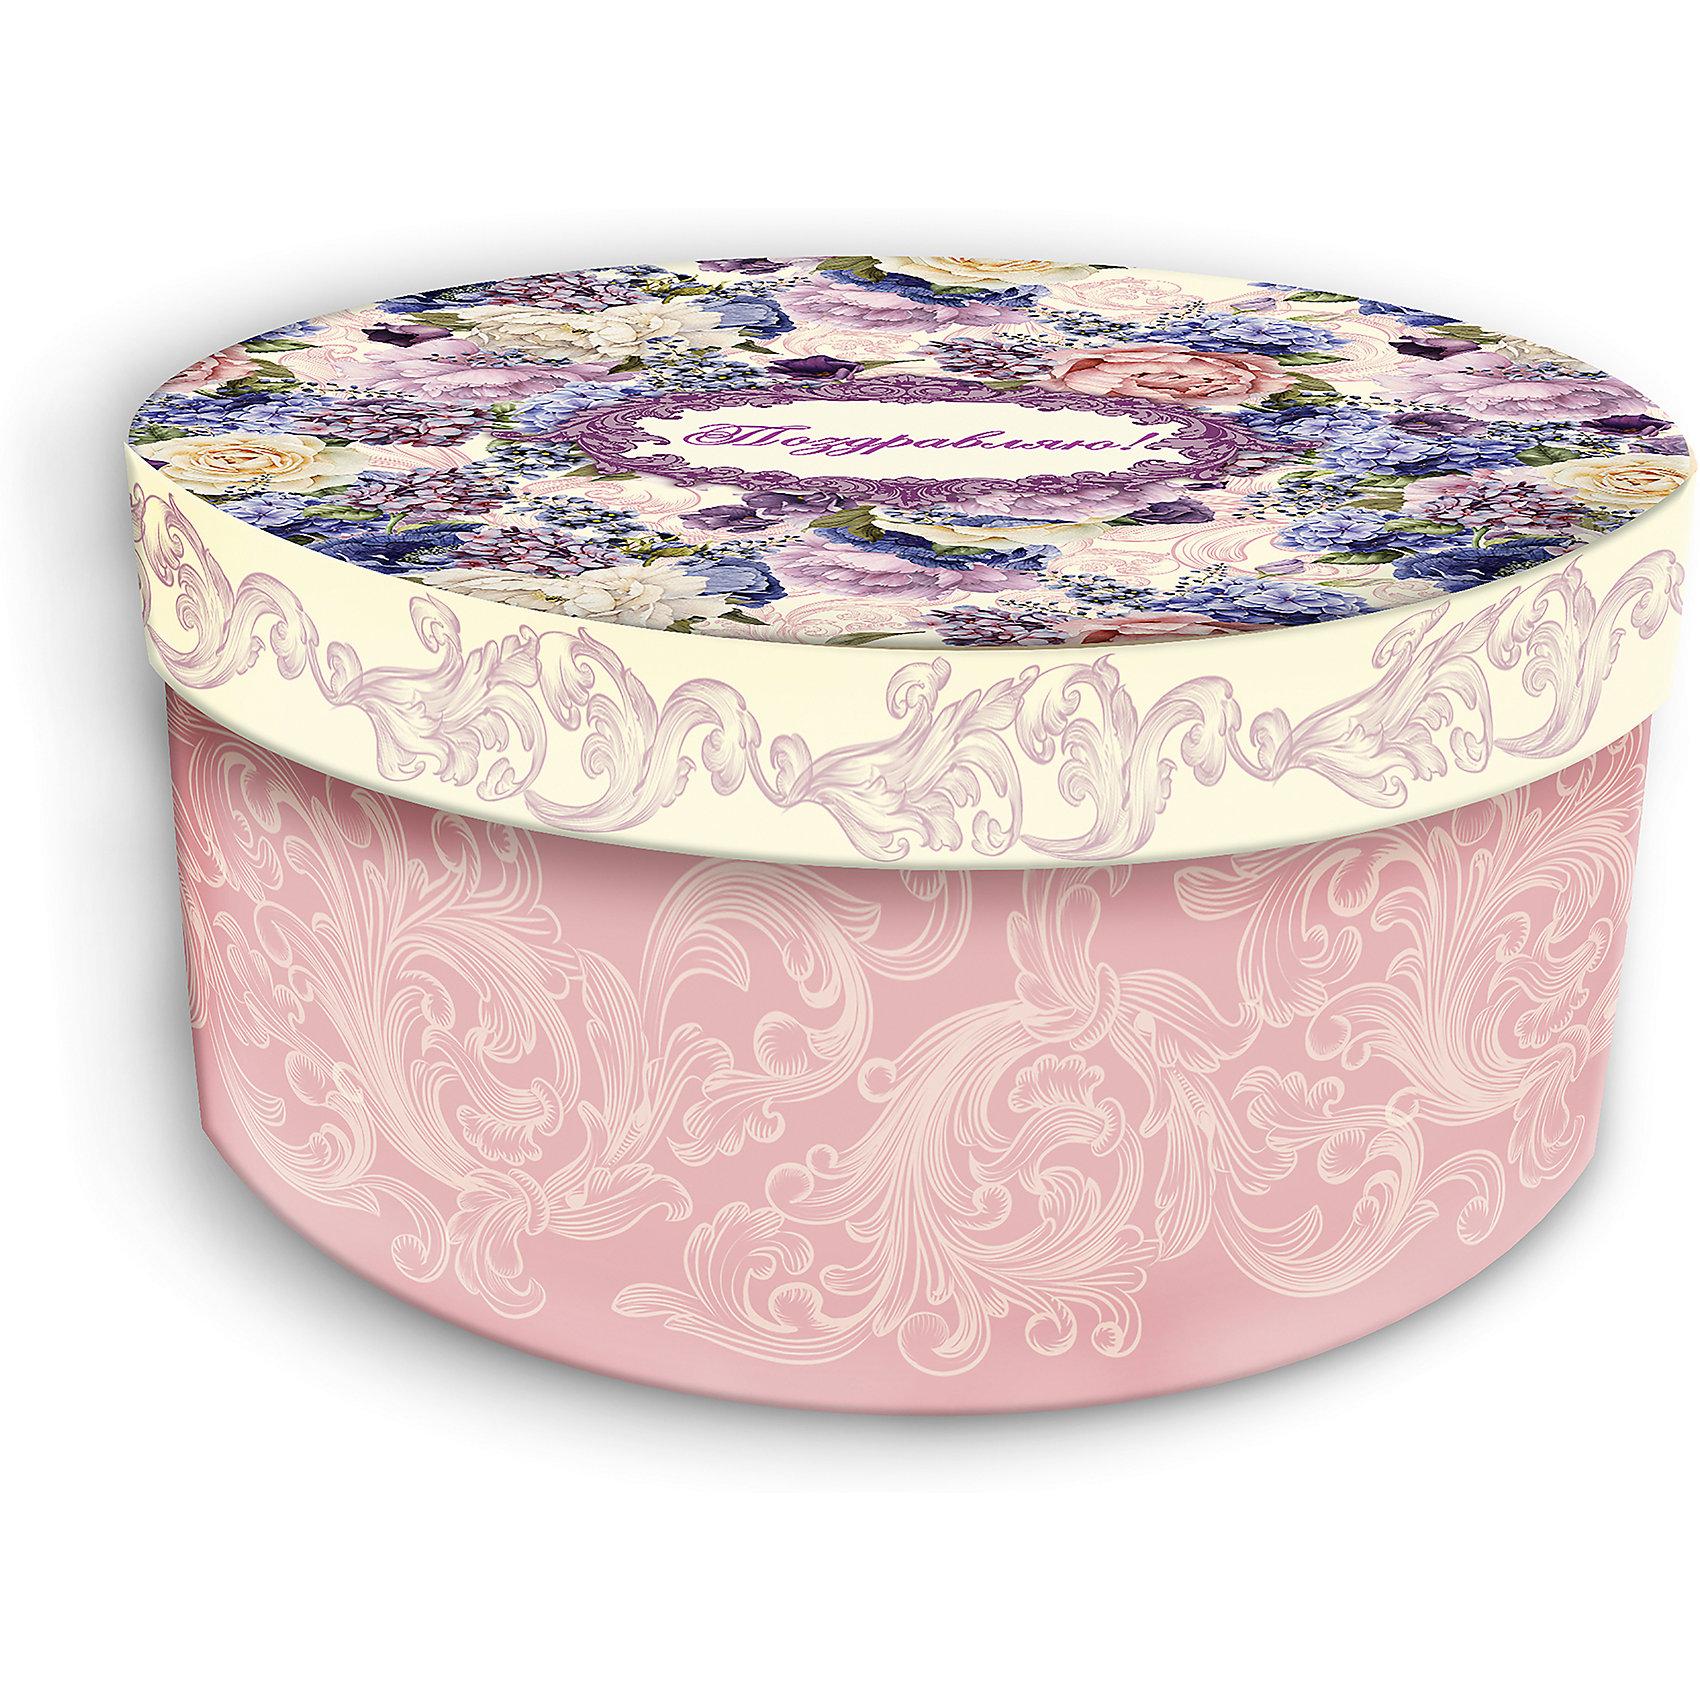 Коробка подарочная Лиловые букеты, 14х14х7см., Феникс-ПрезентПредметы интерьера<br>Коробка подарочная Лиловые букеты, 14х14х7см., Феникс-Презент<br><br>Характеристики:<br><br>• подарочная коробка с крышкой<br>• оригинальный дизайн<br>• изготовлена из мелованного ламинированного картона<br>• плотность 1100 г/м2<br>• рисунок на внутренней и наружной стороне<br>• размер: 14х14х7 см<br><br>Красивая подарочная коробка подарит массу положительных эмоций и создаст праздничное настроение. Коробка Лиловые букеты изготовлена из плотного ламинированного картона. Наружная сторона оформлена ярким цветочным узором лилового оттенка и надписью Поздравляю!. Изделие имеет круглую форму, закрывается с помощью крышки. Такой подарок не оставит получателя равнодушным!<br><br>Коробка подарочная Лиловые букеты, 14х14х7см., Феникс-Презент вы можете купить в нашем интернет-магазине.<br><br>Ширина мм: 140<br>Глубина мм: 140<br>Высота мм: 70<br>Вес г: 60<br>Возраст от месяцев: 36<br>Возраст до месяцев: 2147483647<br>Пол: Унисекс<br>Возраст: Детский<br>SKU: 5449649